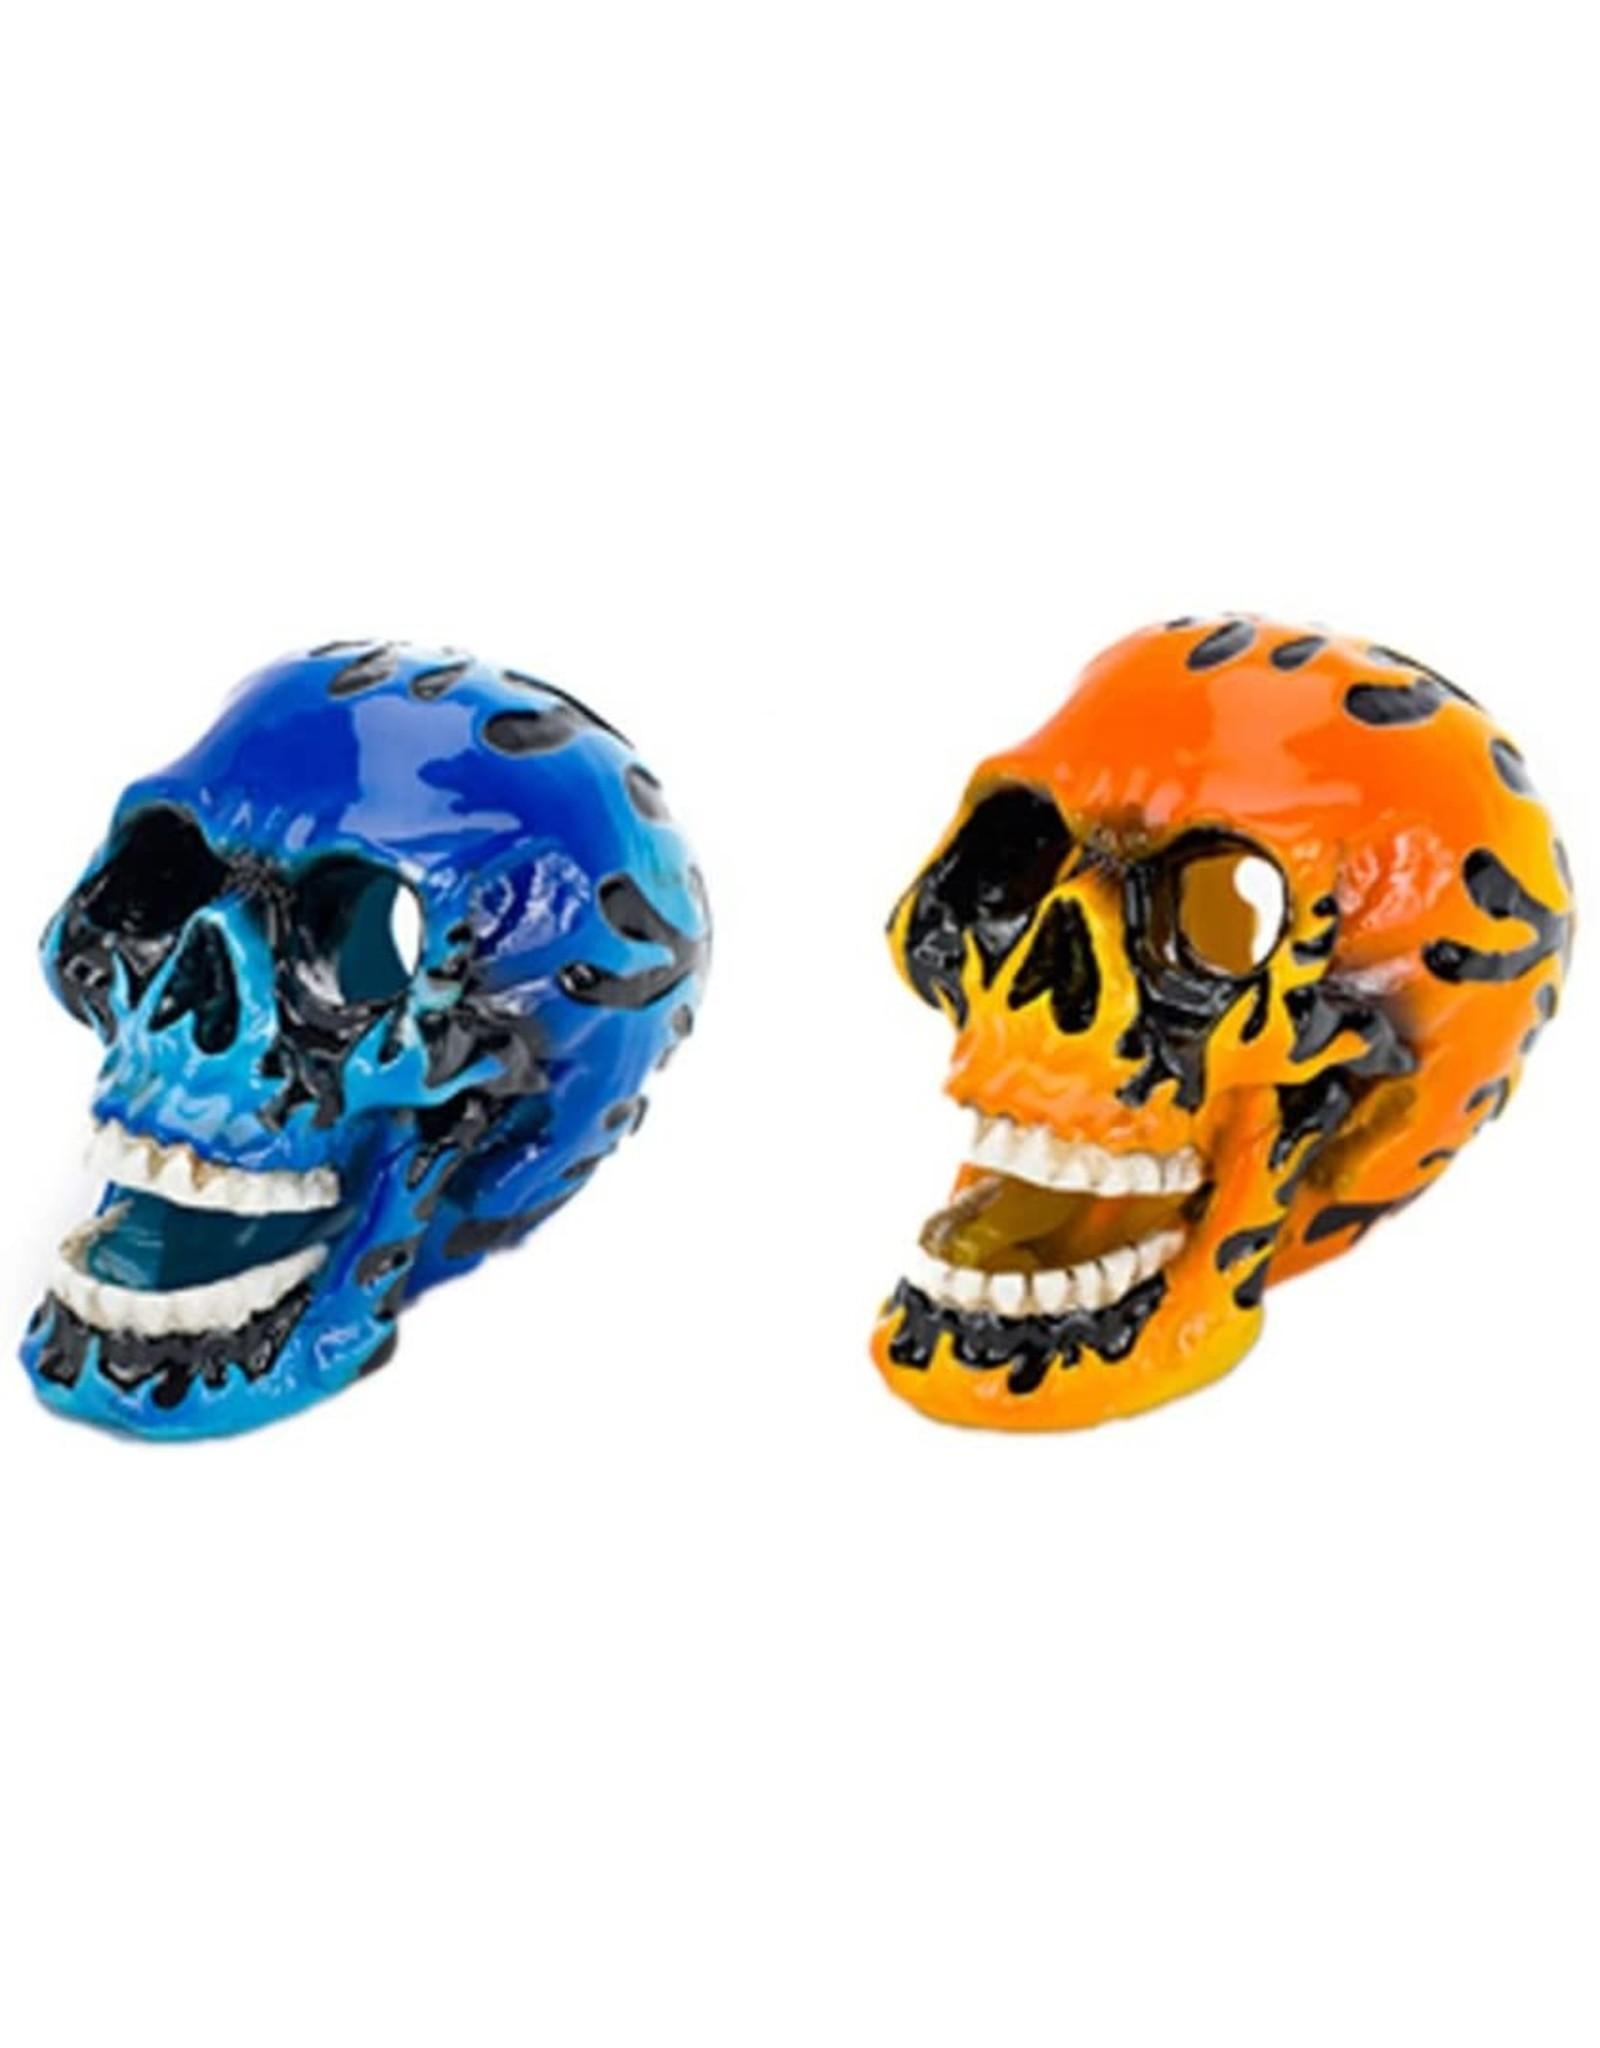 Penn Plax PENN PLAX Flaming Skull Mini